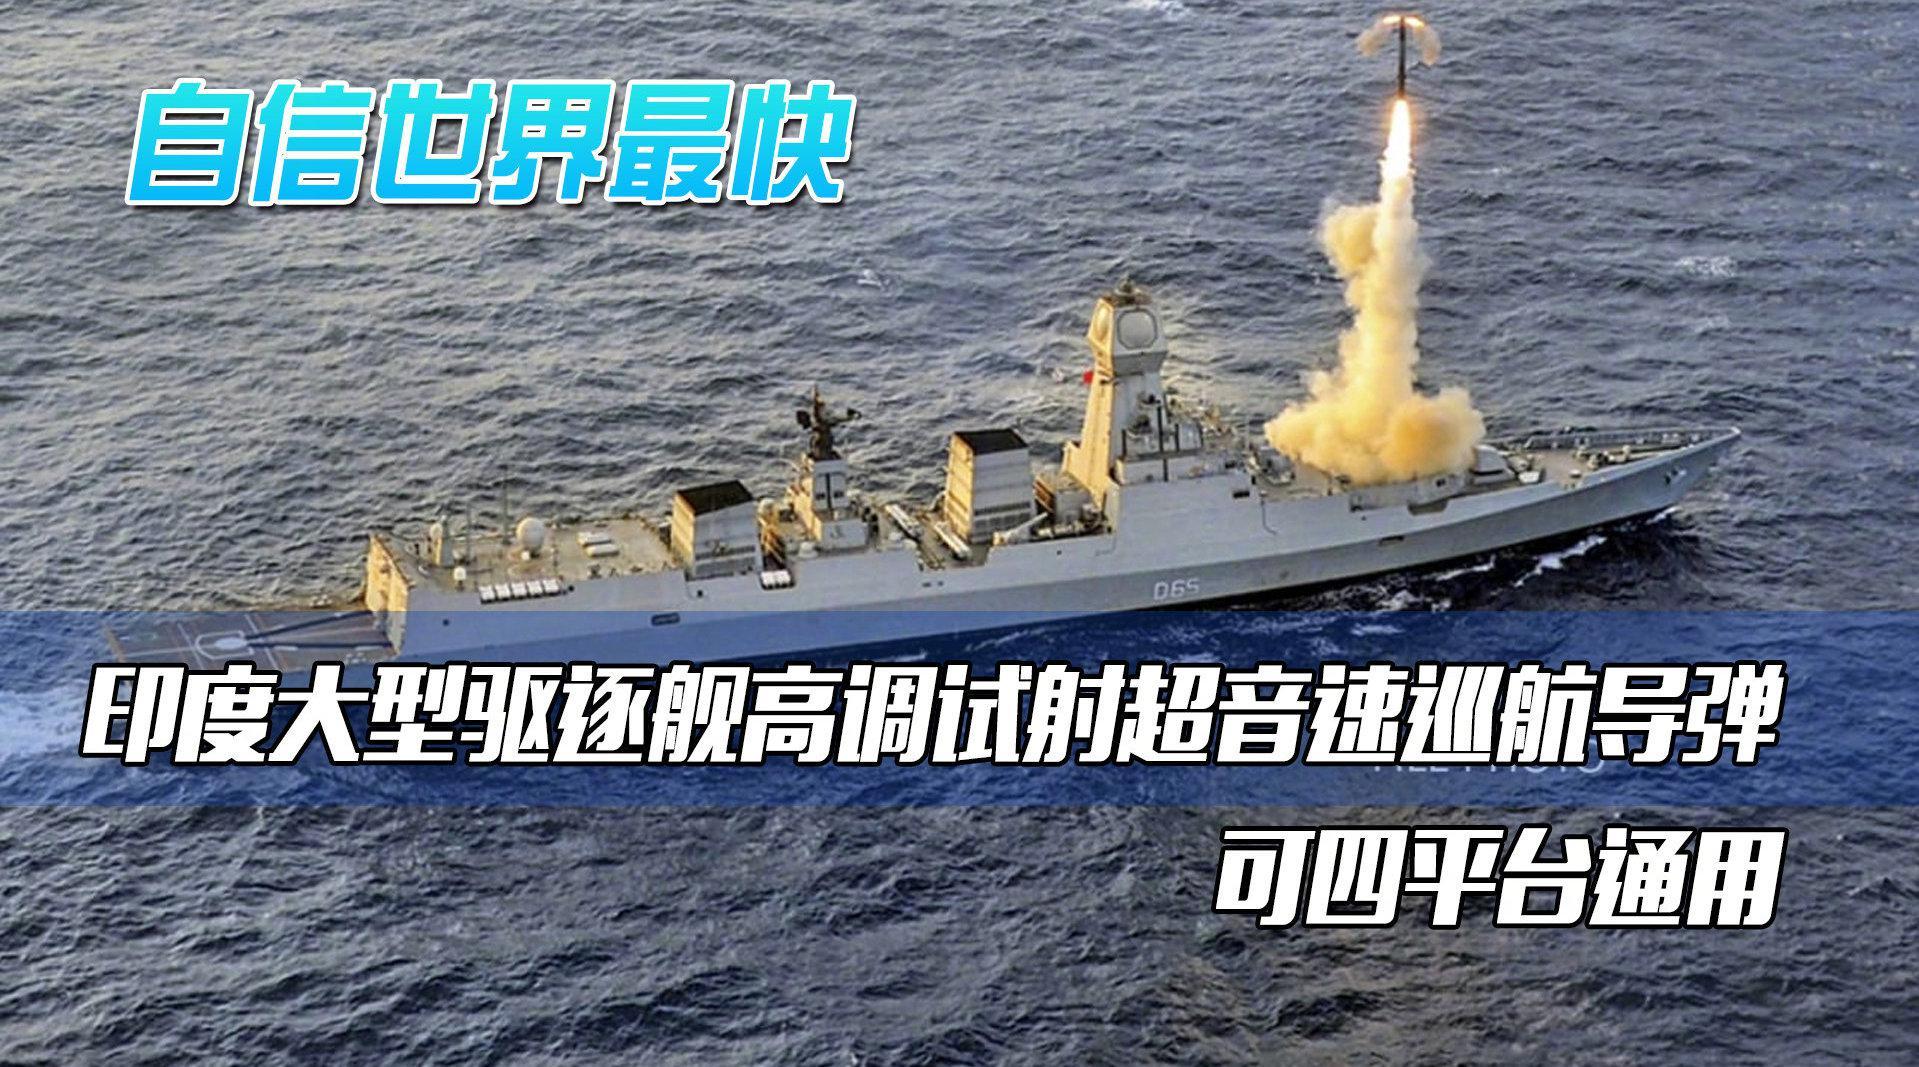 印度大型驱逐舰高调试射超音速巡航导弹……